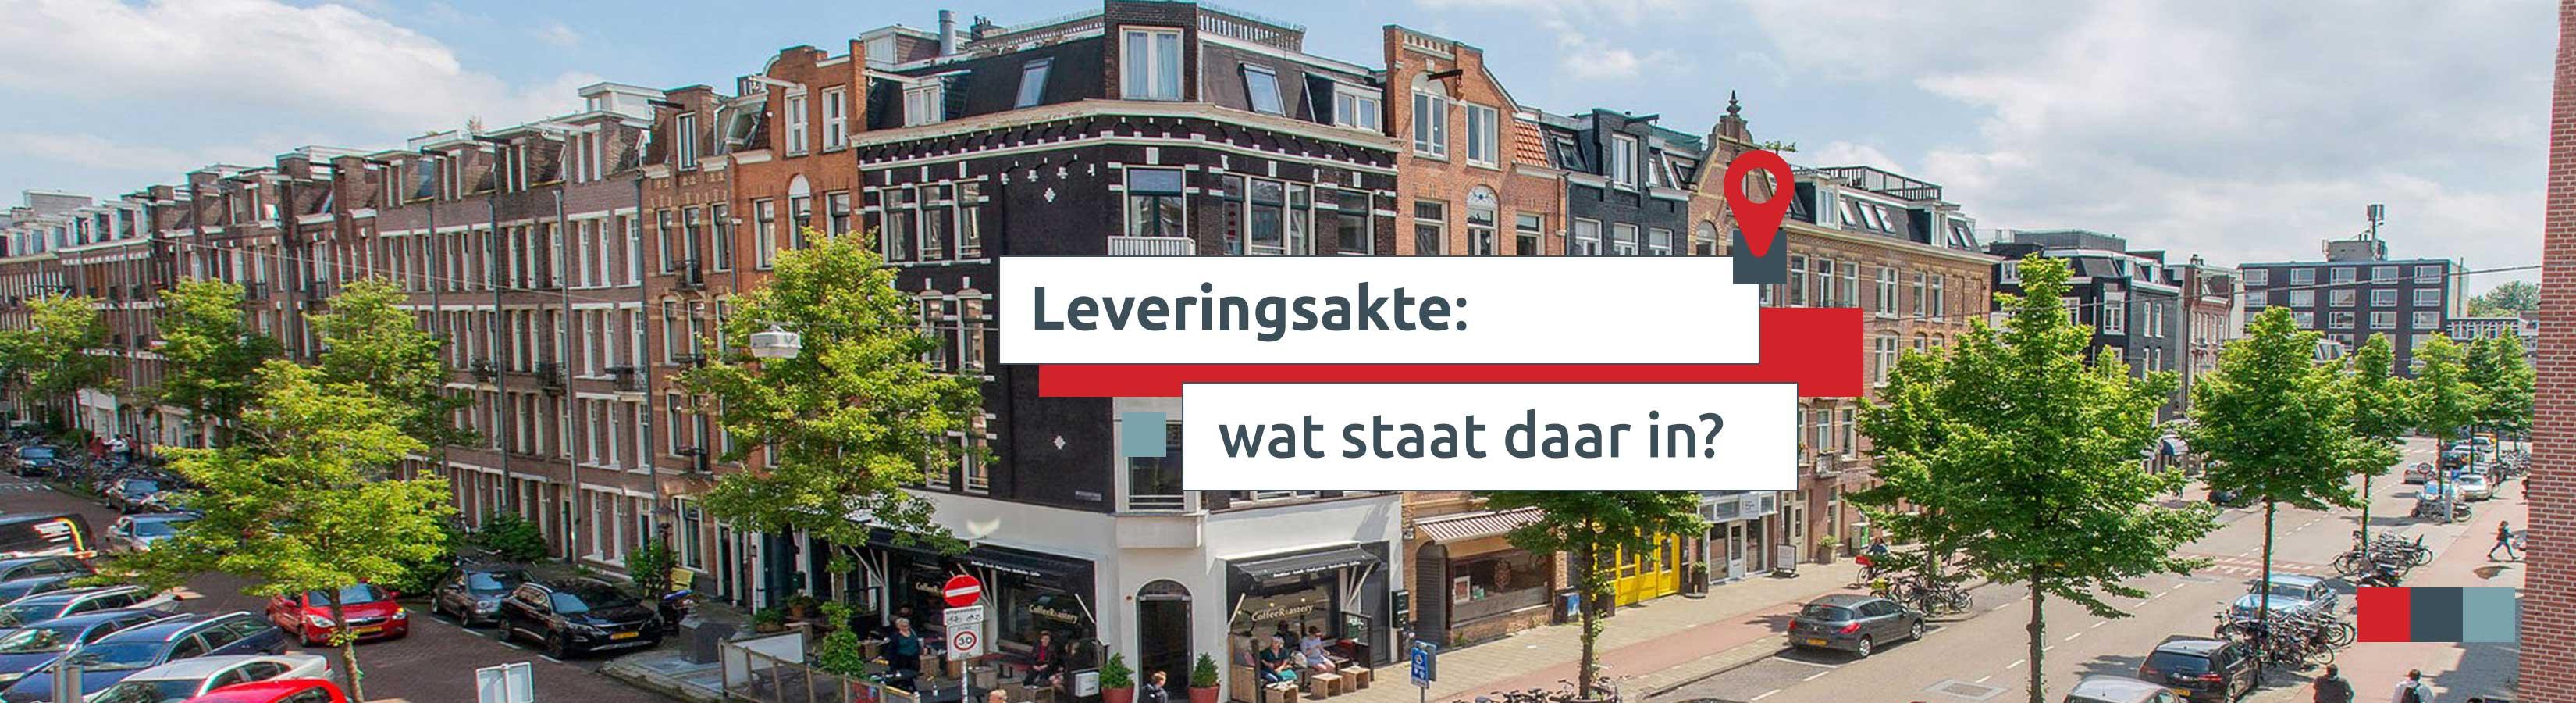 FAQ-5-Leveringsakte-Wat-Staat-Daar-In